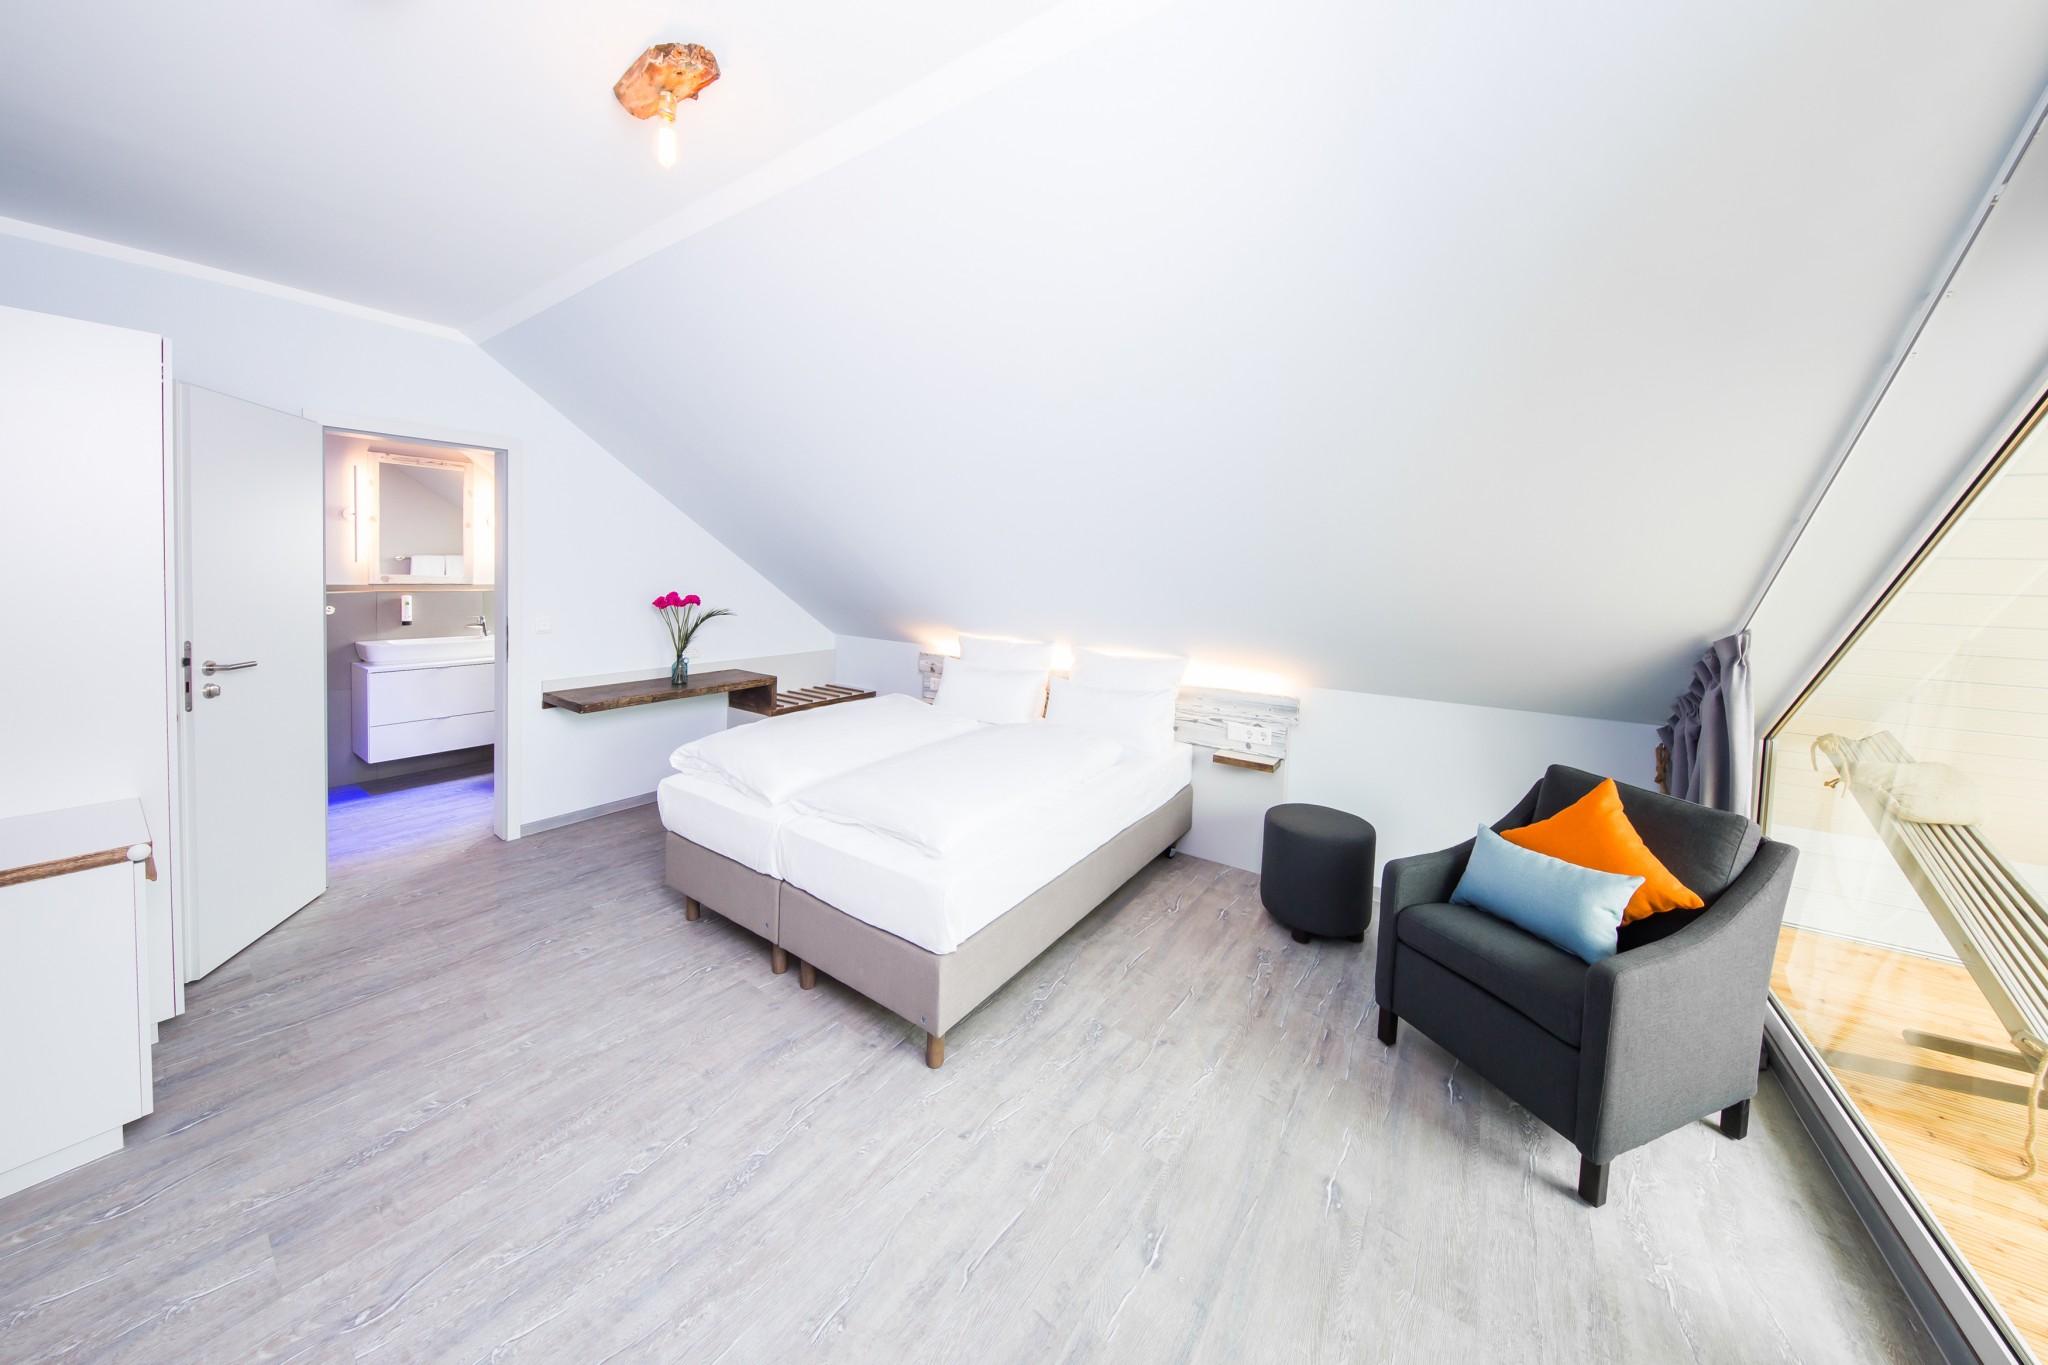 Doppelbett, Bad und Balkon in hellem Hotelzimmer